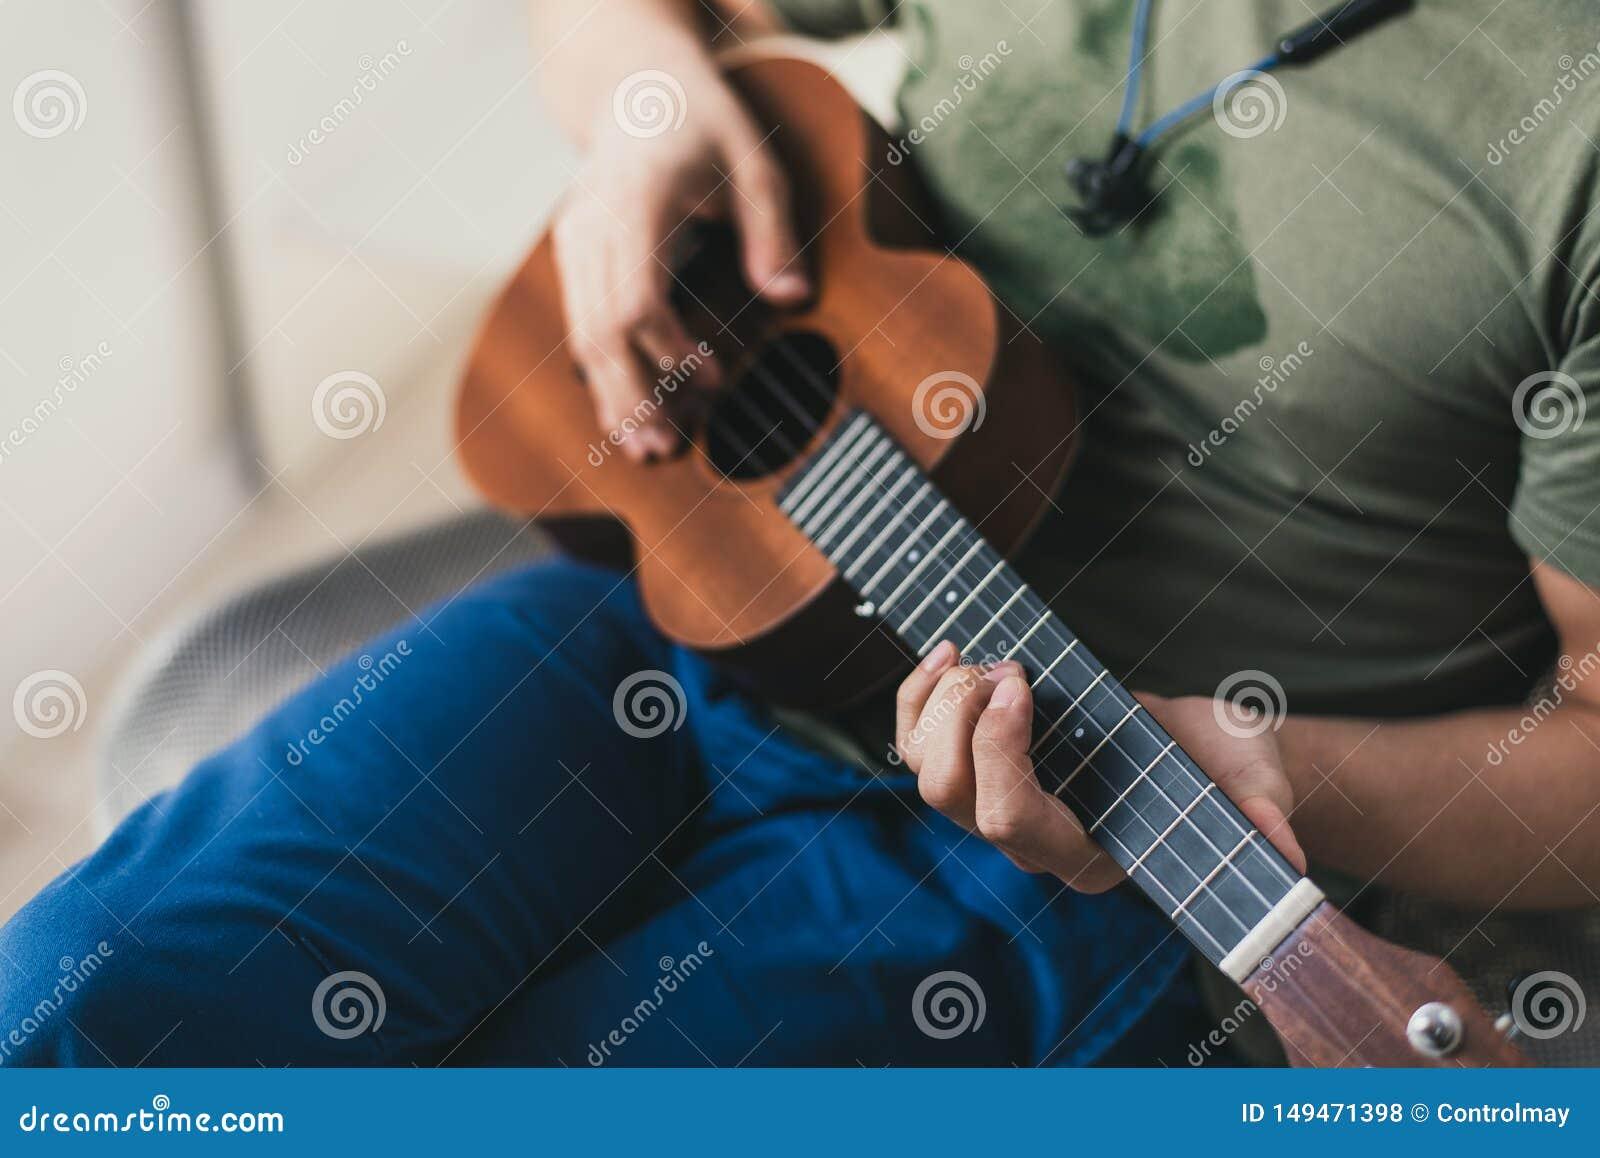 Jogo da uquelele um homem que joga uma guitarra pequena o executor escreve a música na uquelele em casa